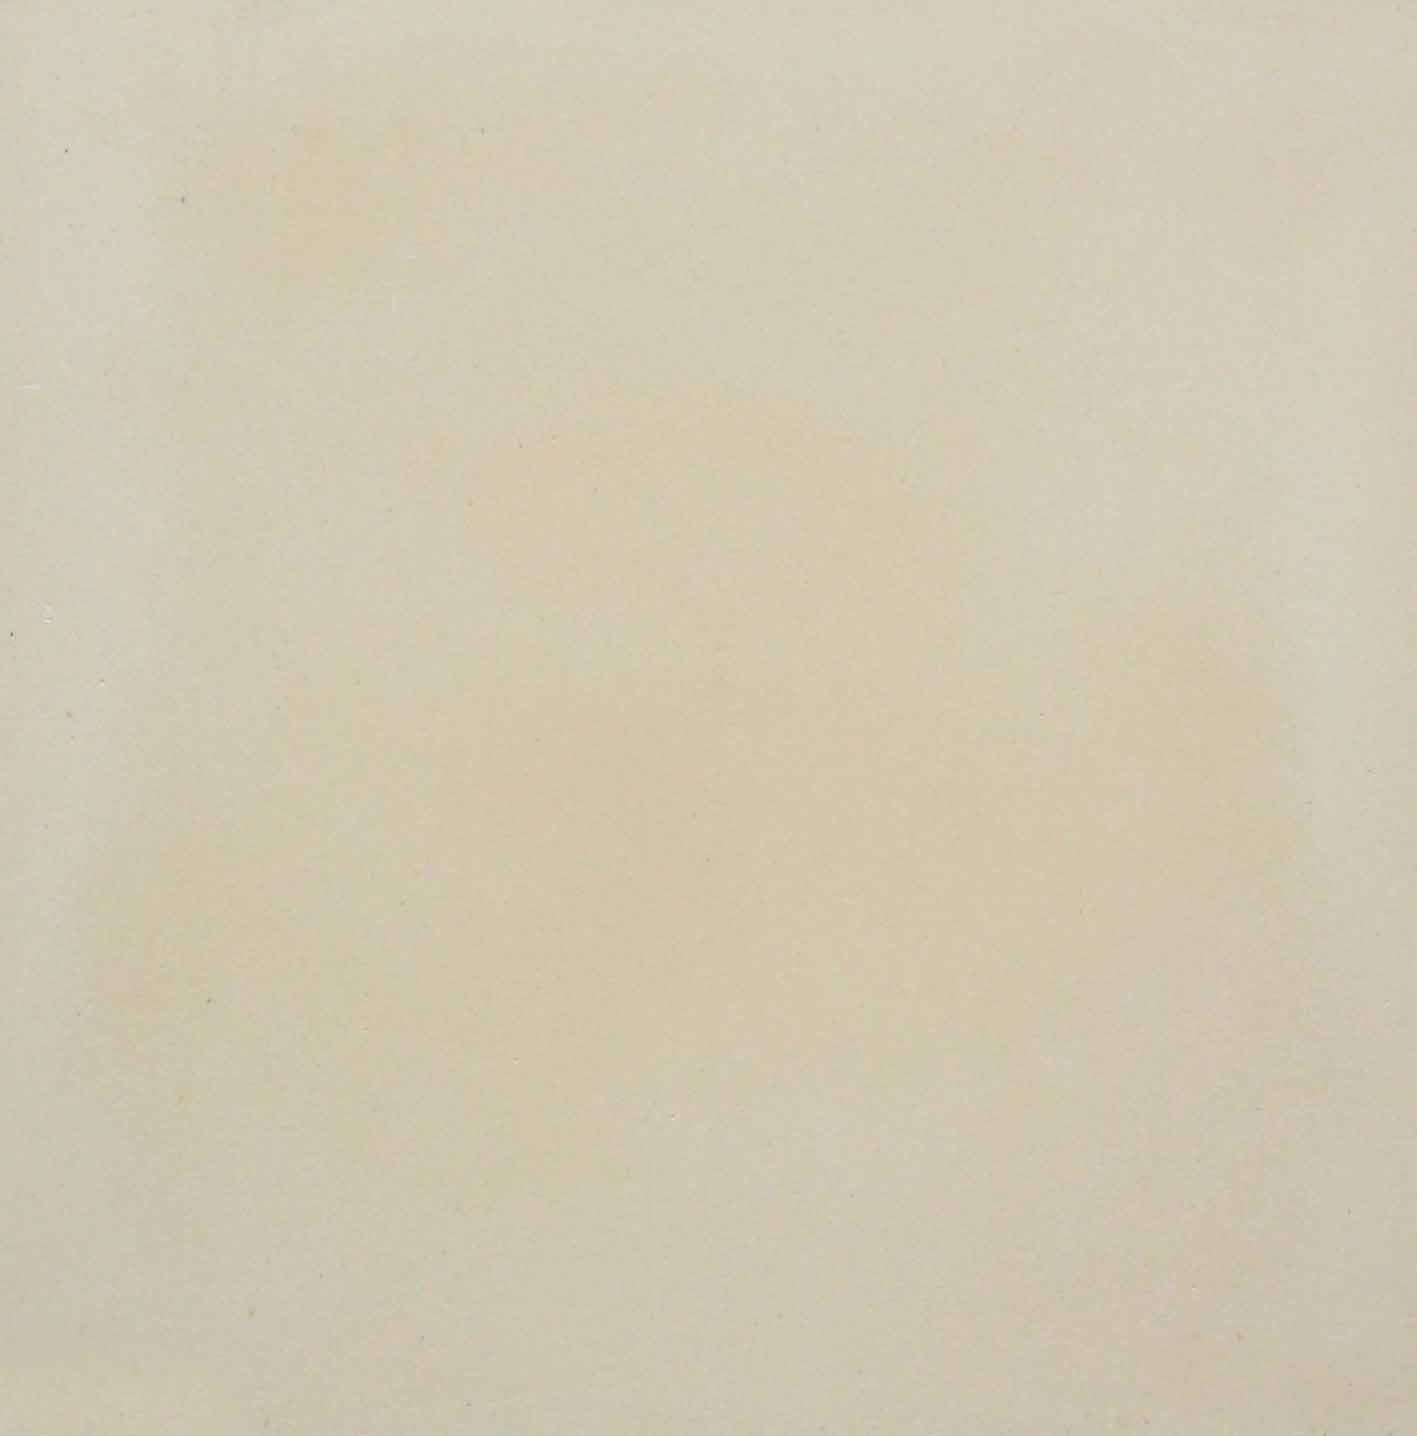 Besch Farbe cement floor tile castillo replicata unicoloured beige 10